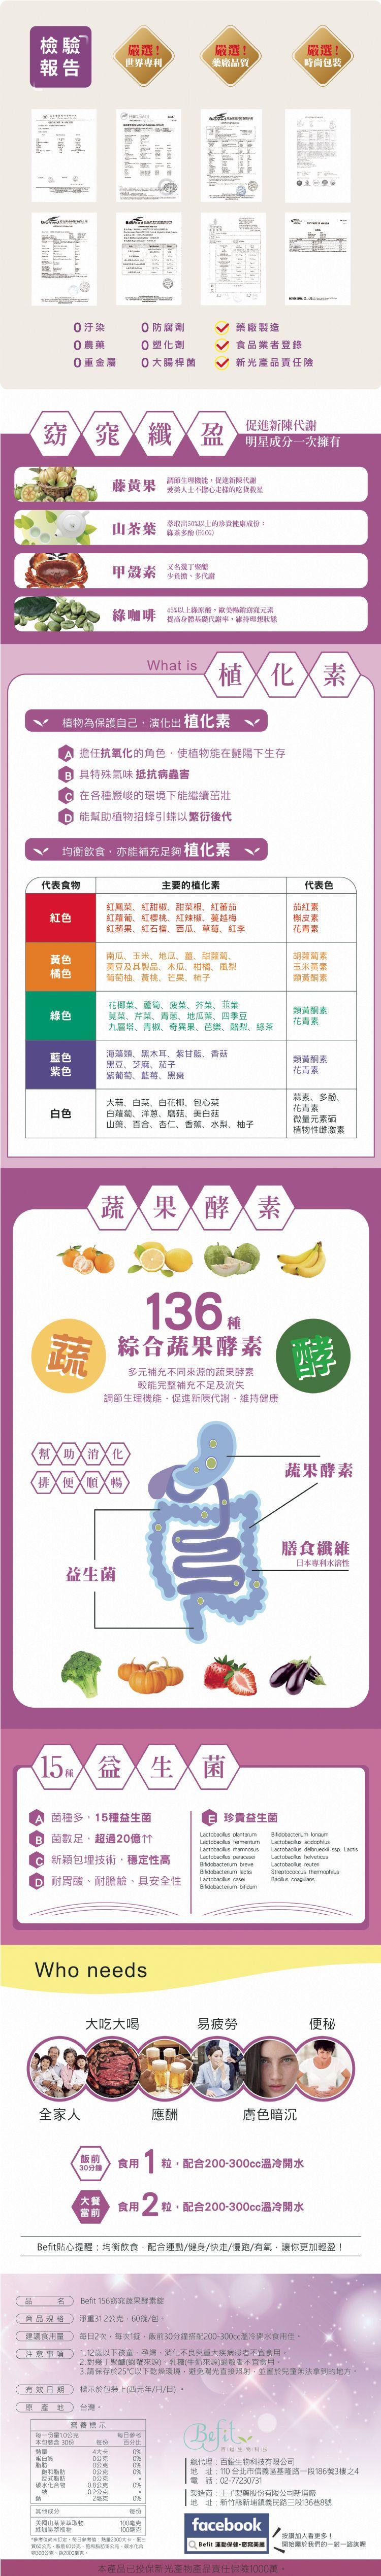 買一送一【百鎰生技】Befinso 156窈窕蔬果酵素錠-藤黃果,山茶,甲殼素,綠咖啡,益生菌